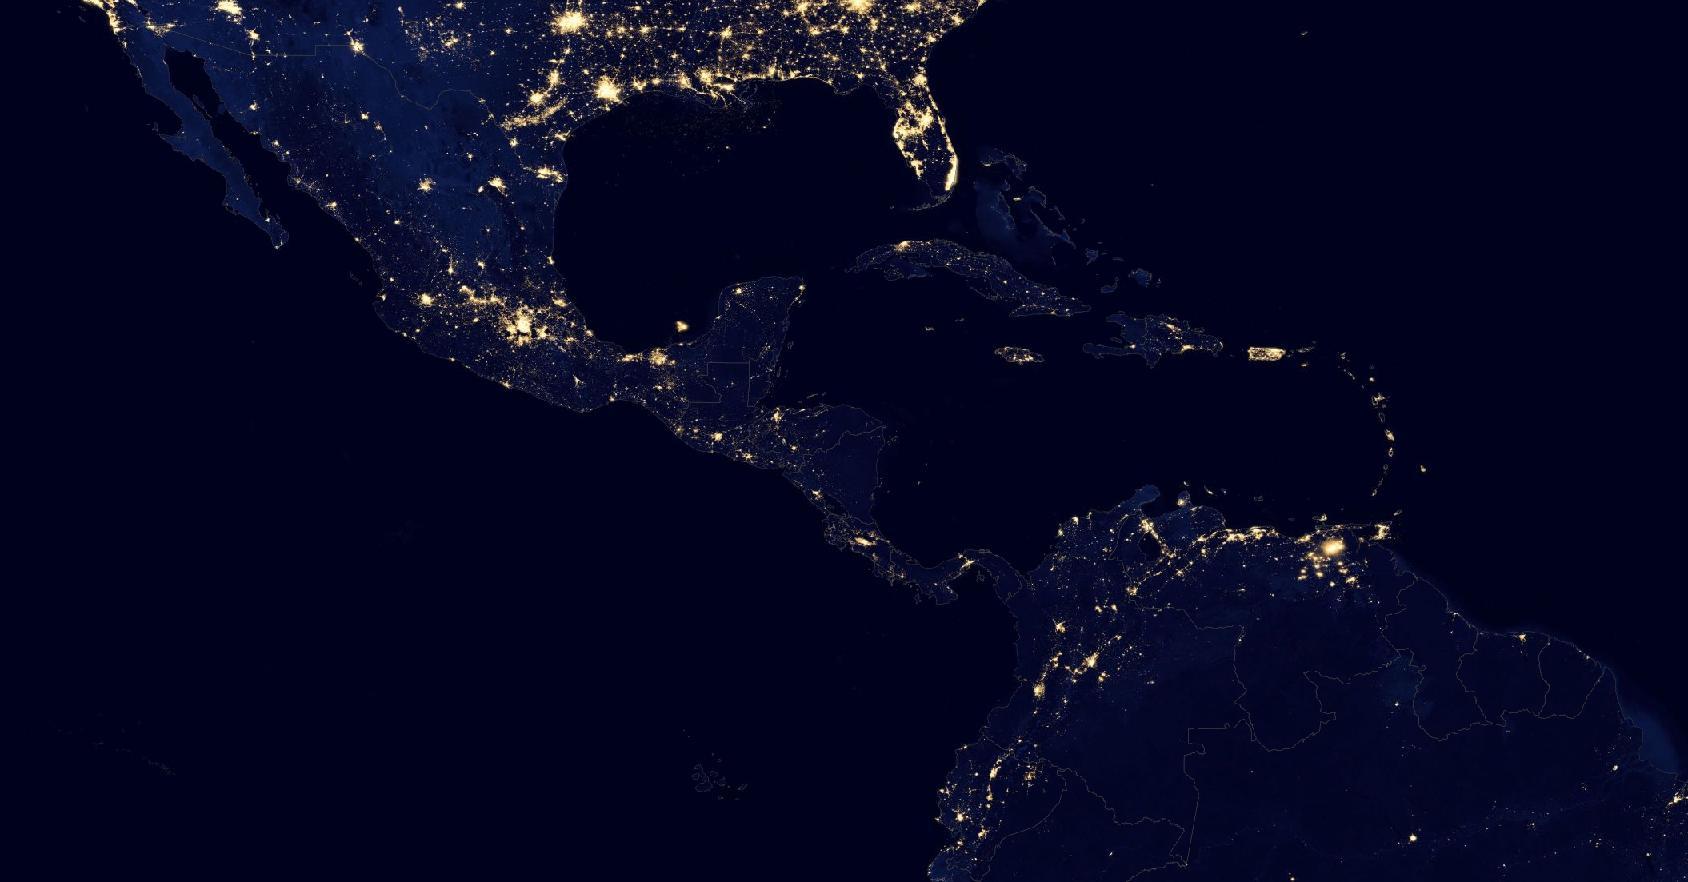 Así se ve la pobreza desde el espacio